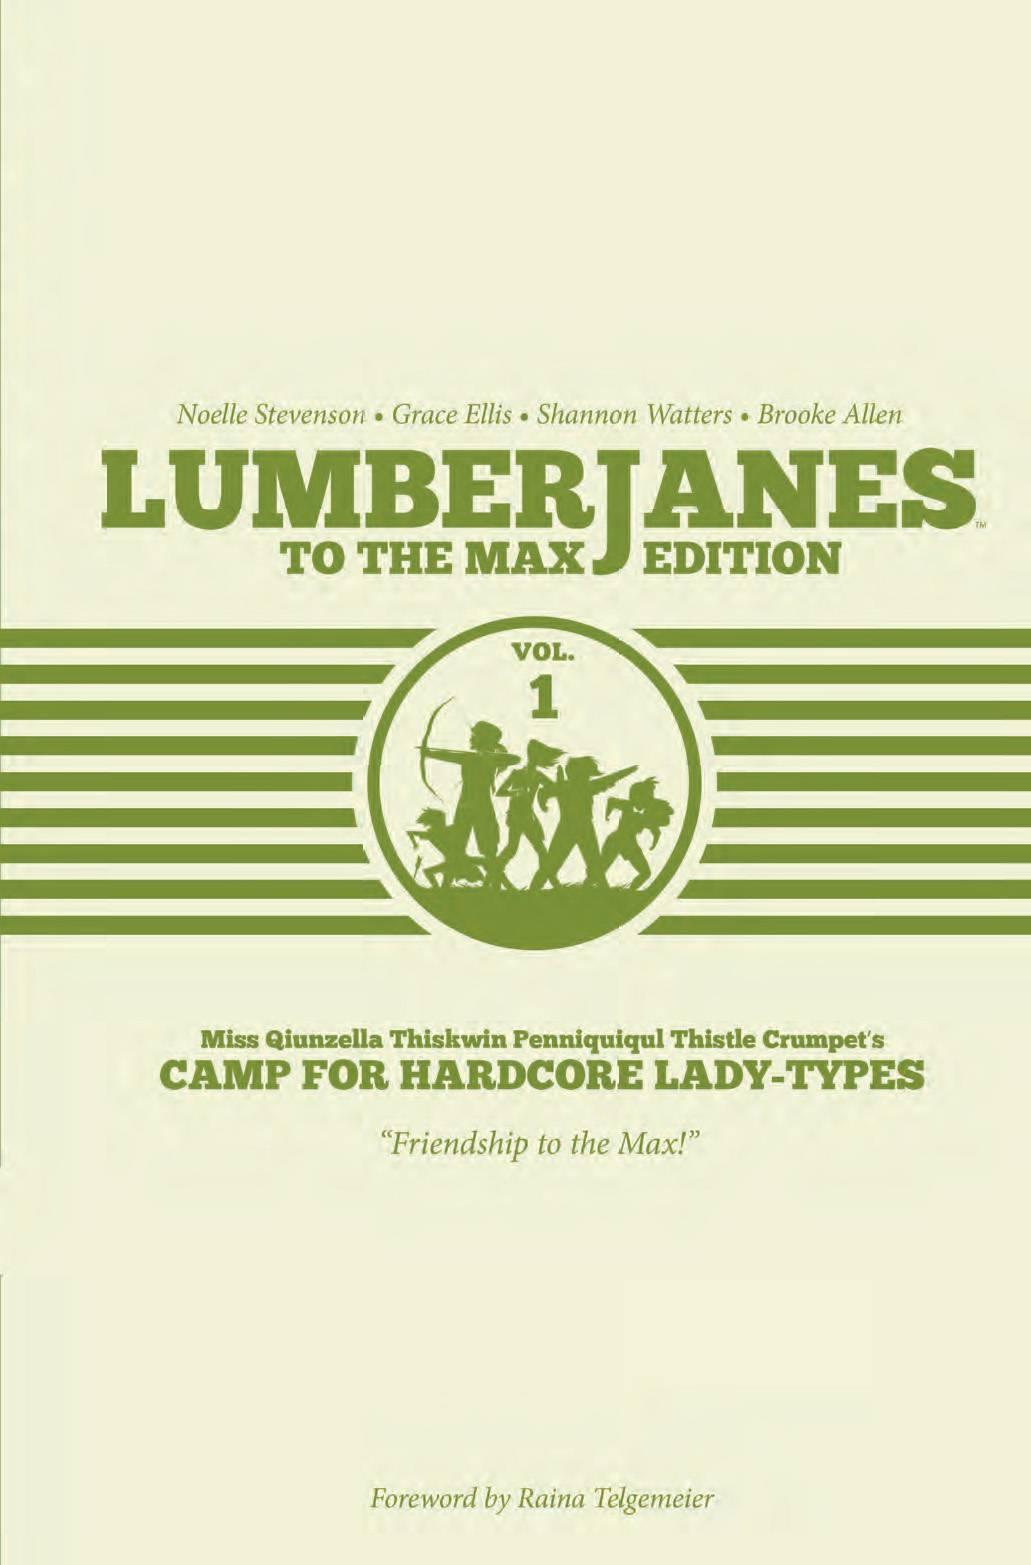 Lumberjanes HC1